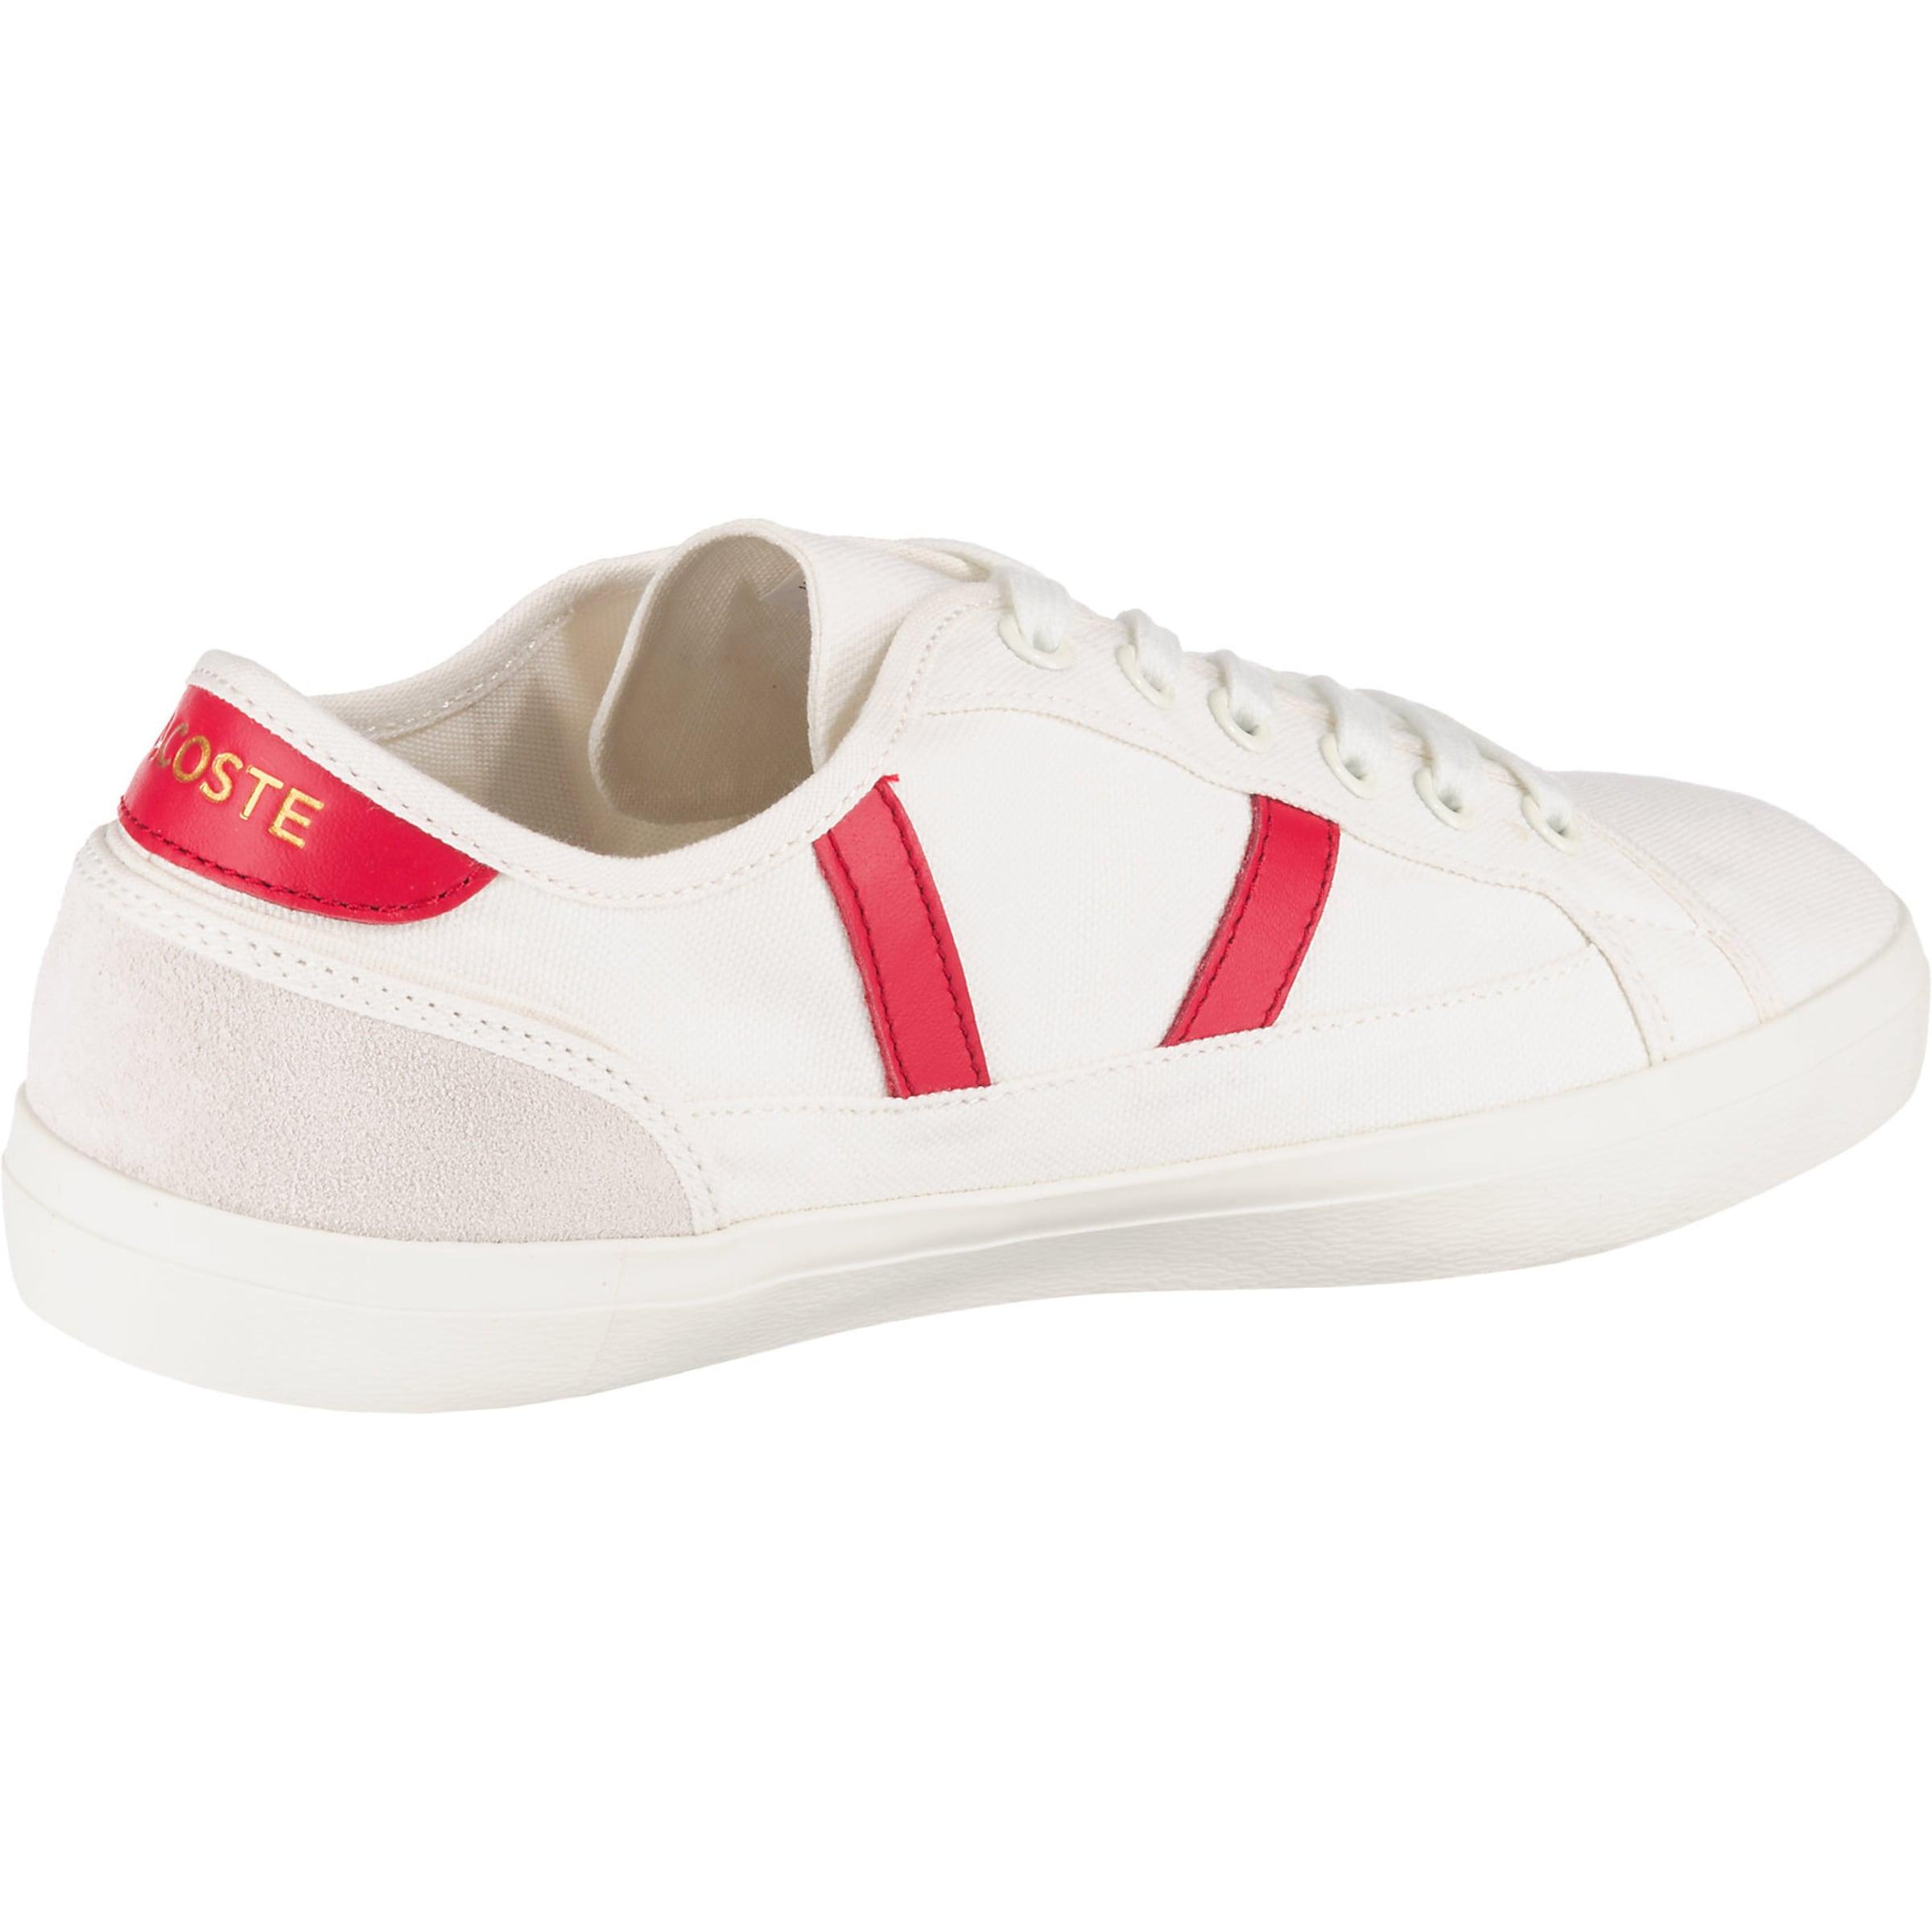 Sneakers Lacoste Sneakers In 'sideline' In Weiß Weiß Sneakers Lacoste Lacoste 'sideline' dBerxQCWo